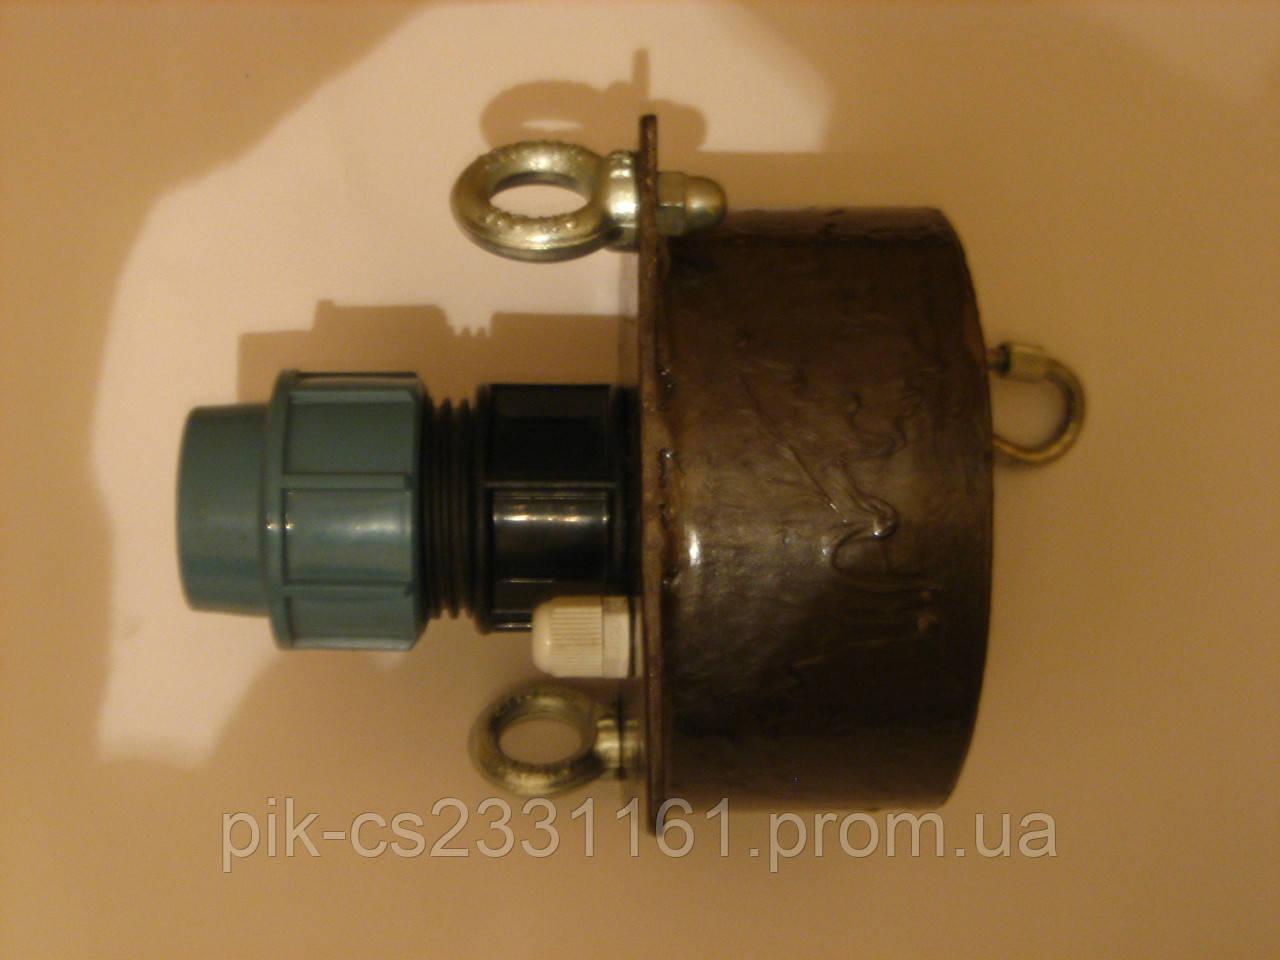 Оголовок  для скважины  антивандальный 125/32 - ПИК в Запорожье